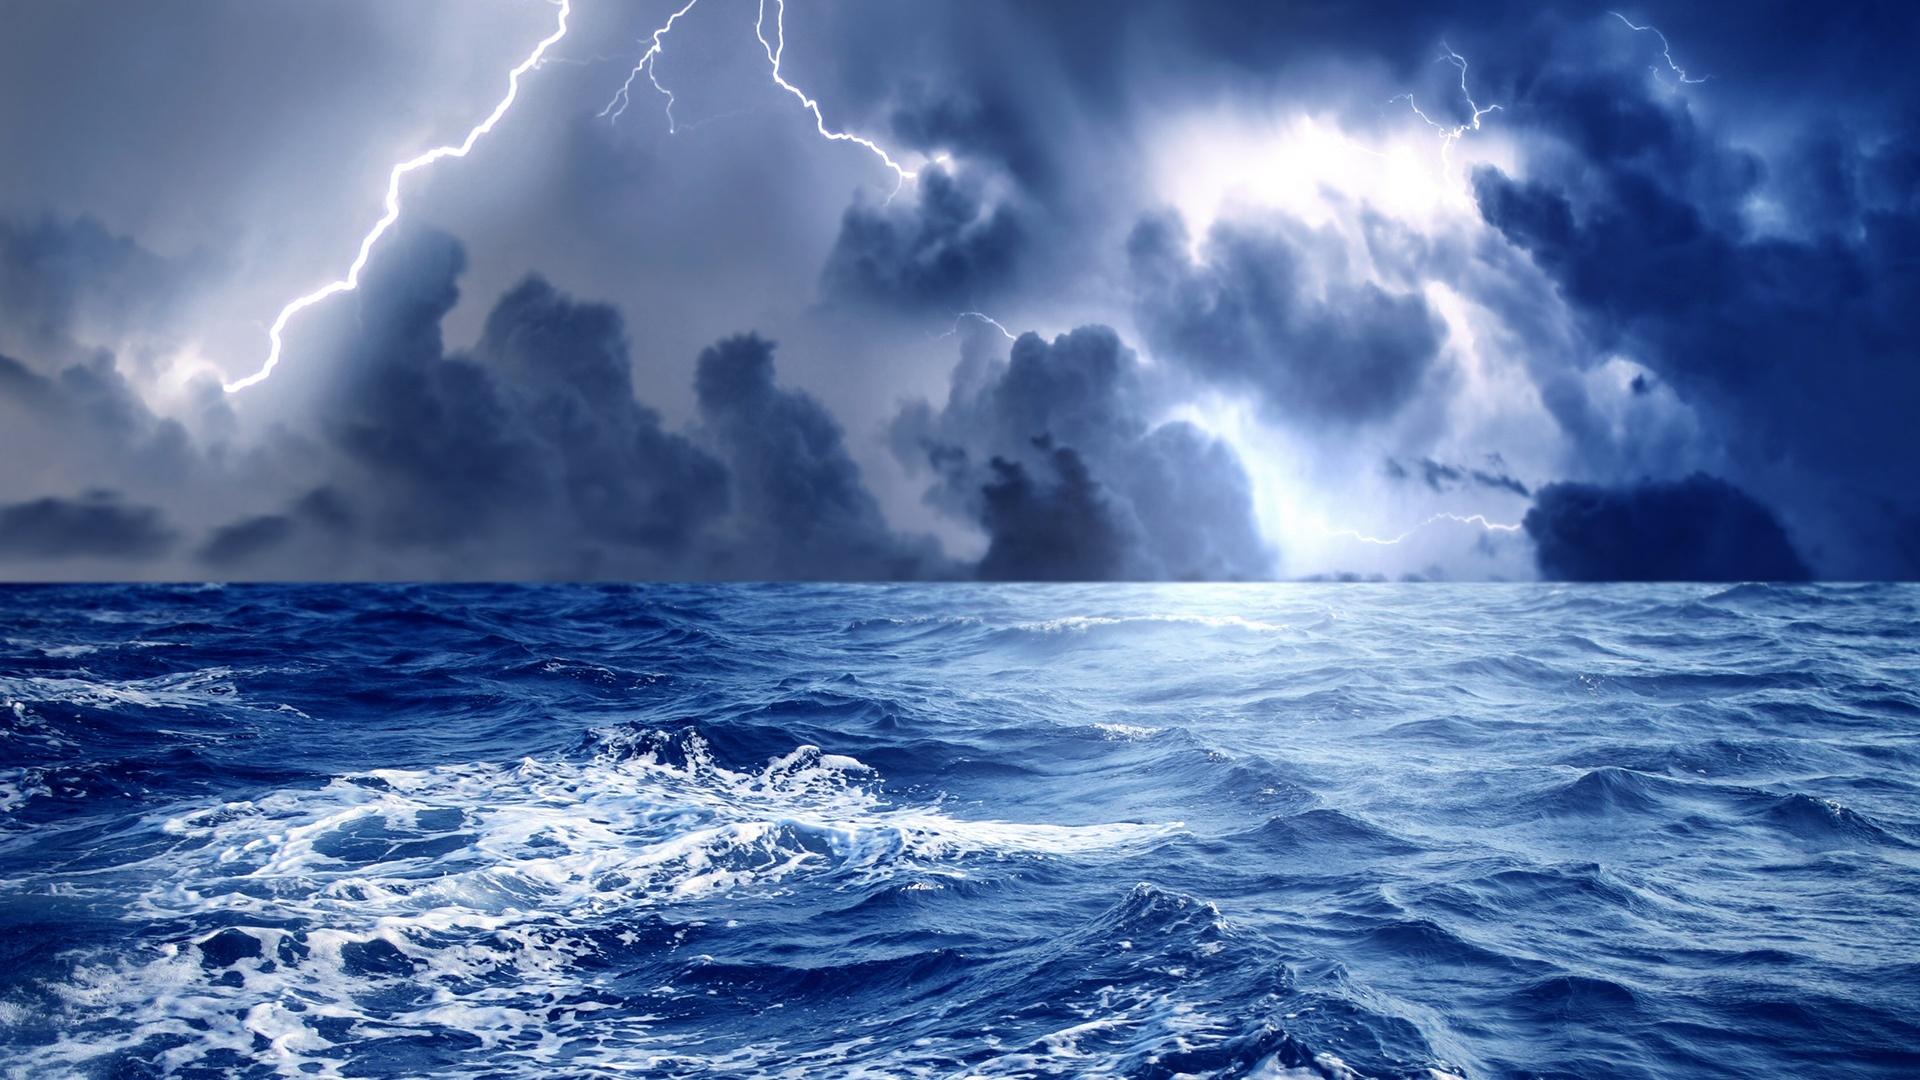 Sea Storm 1920x1080